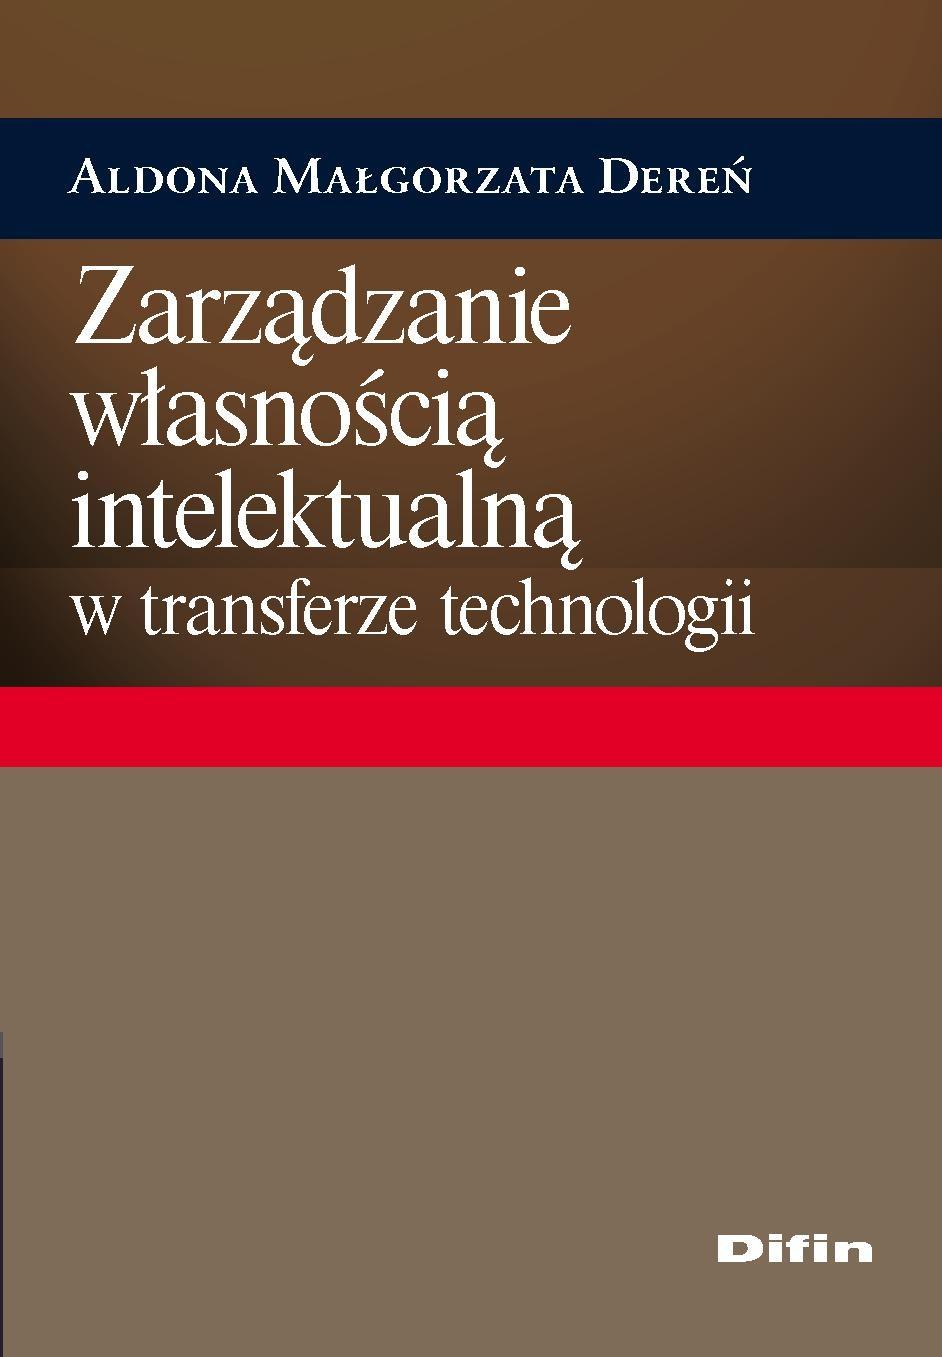 Zarządzanie własnością intelektualną w transferze technologii - Ebook (Książka na Kindle) do pobrania w formacie MOBI